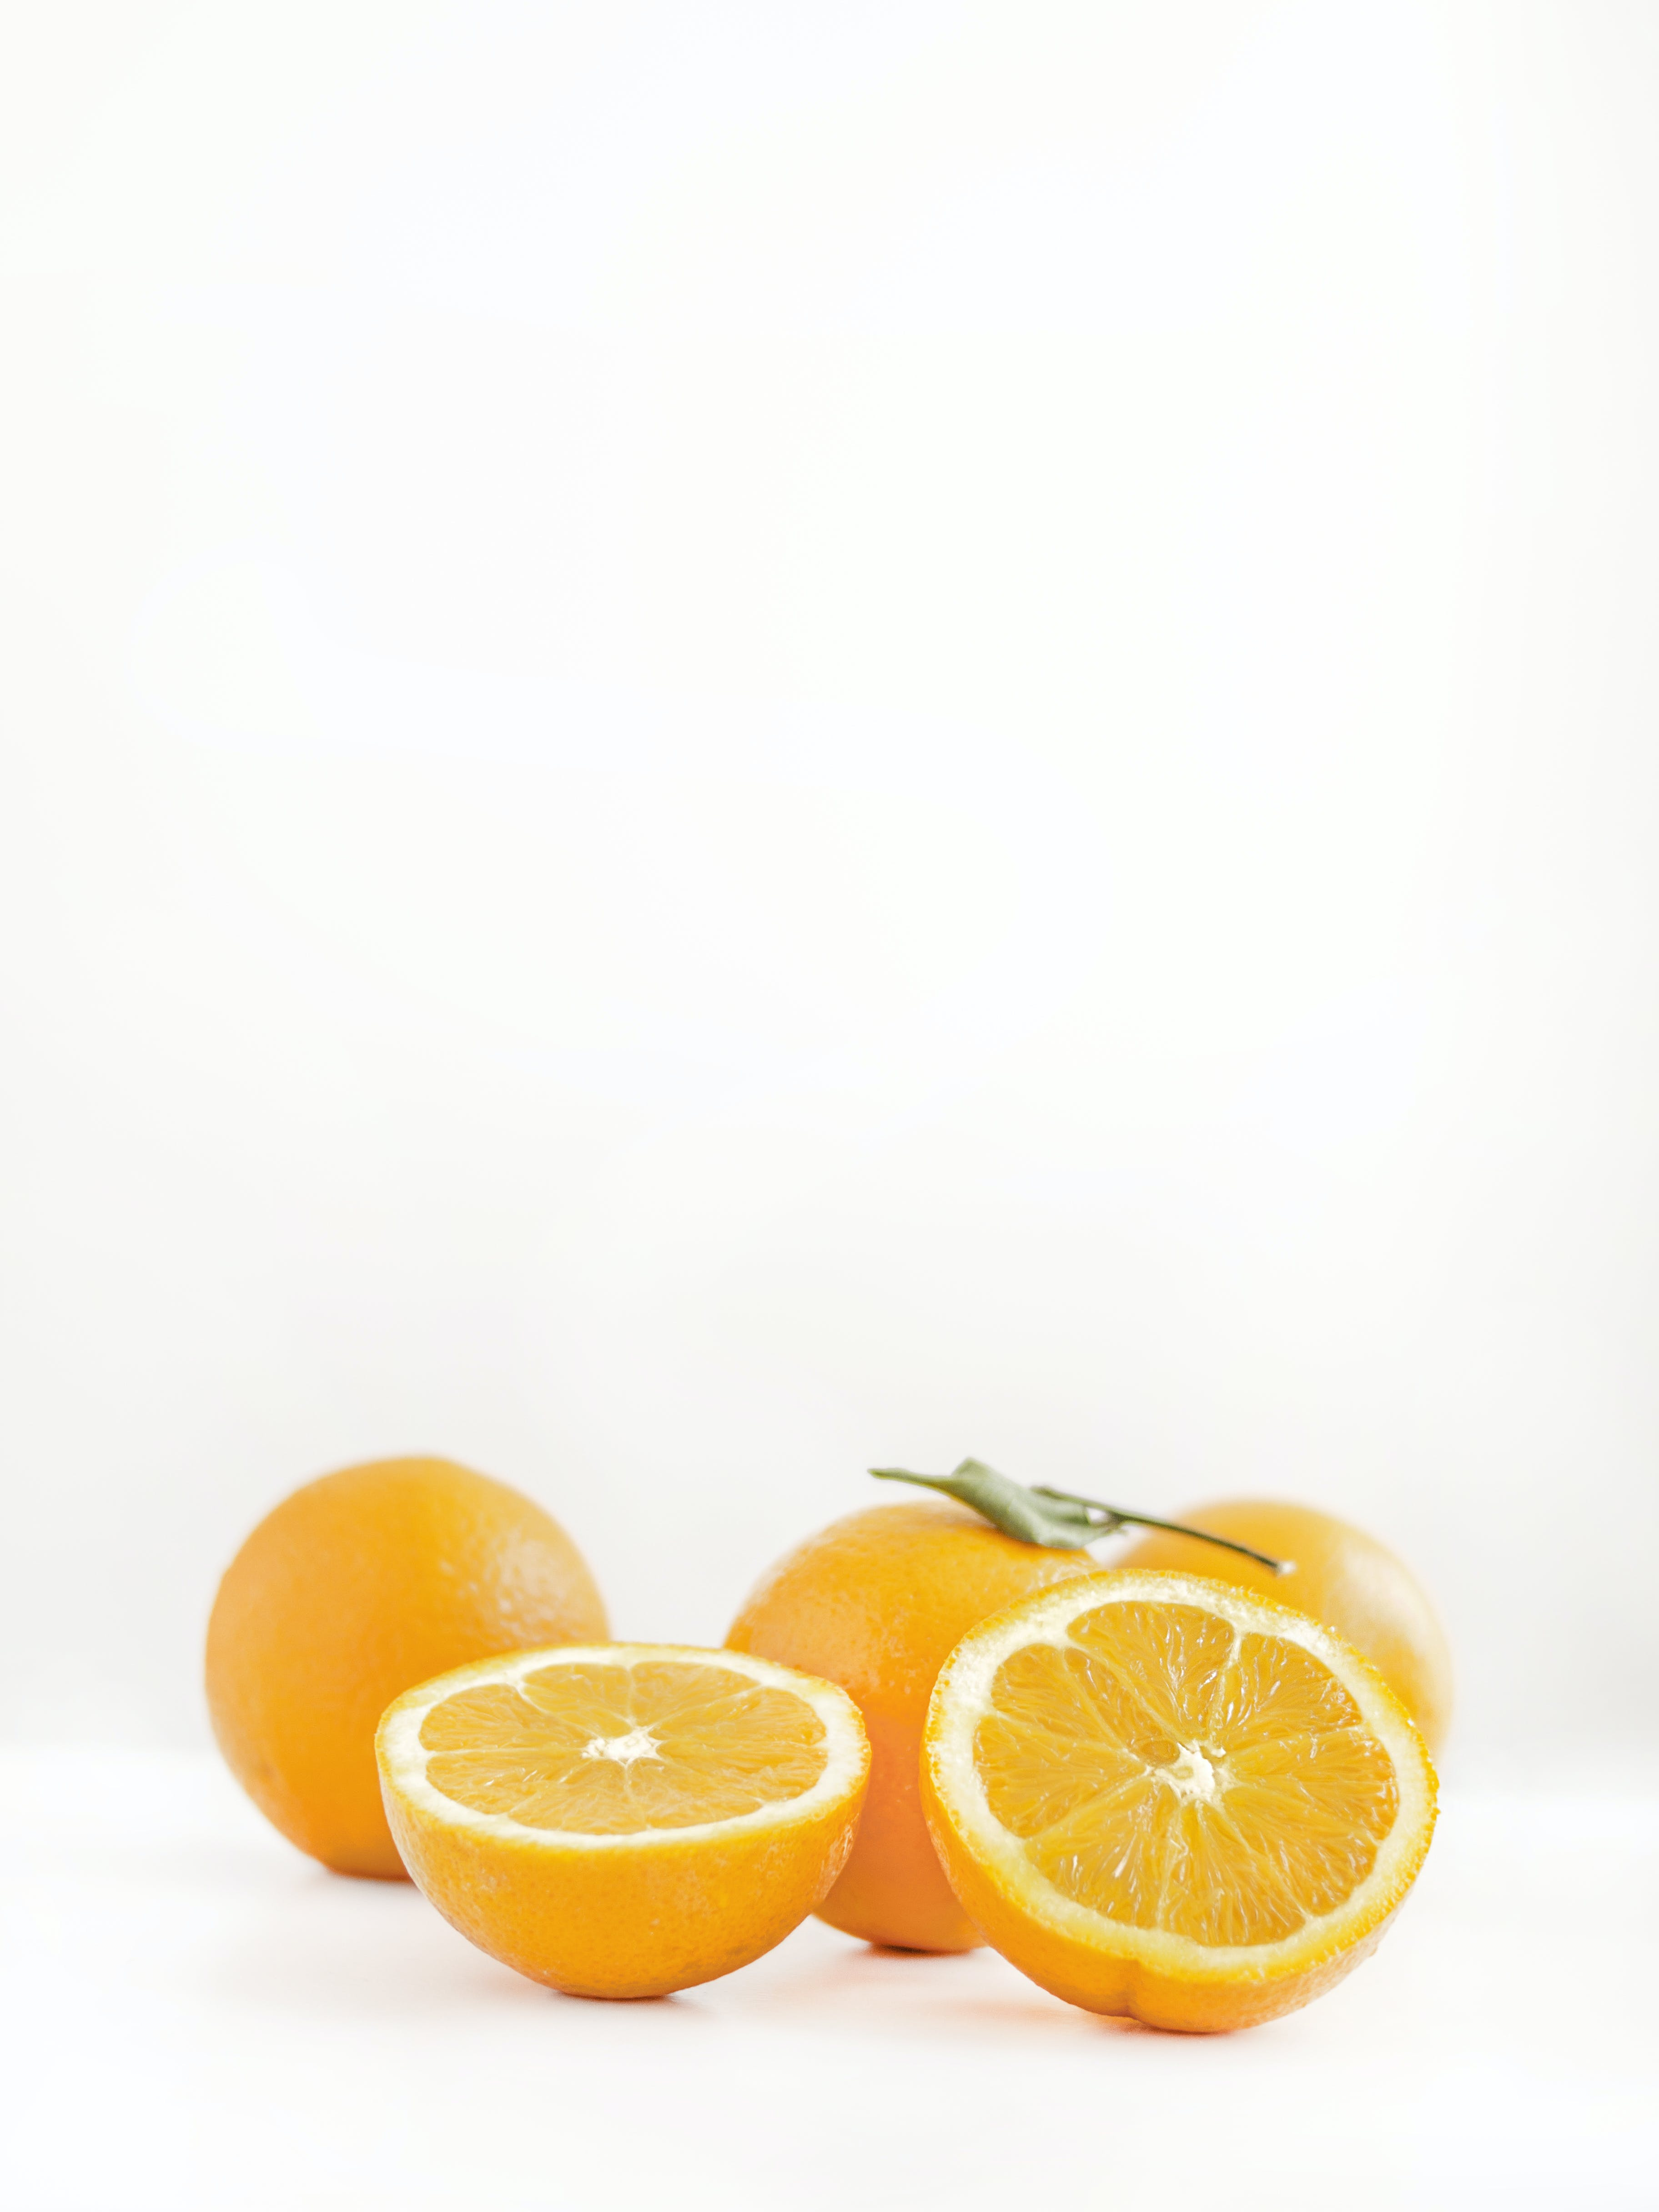 kesmek, meyveler, sağlıklı, sulu içeren Ücretsiz stok fotoğraf